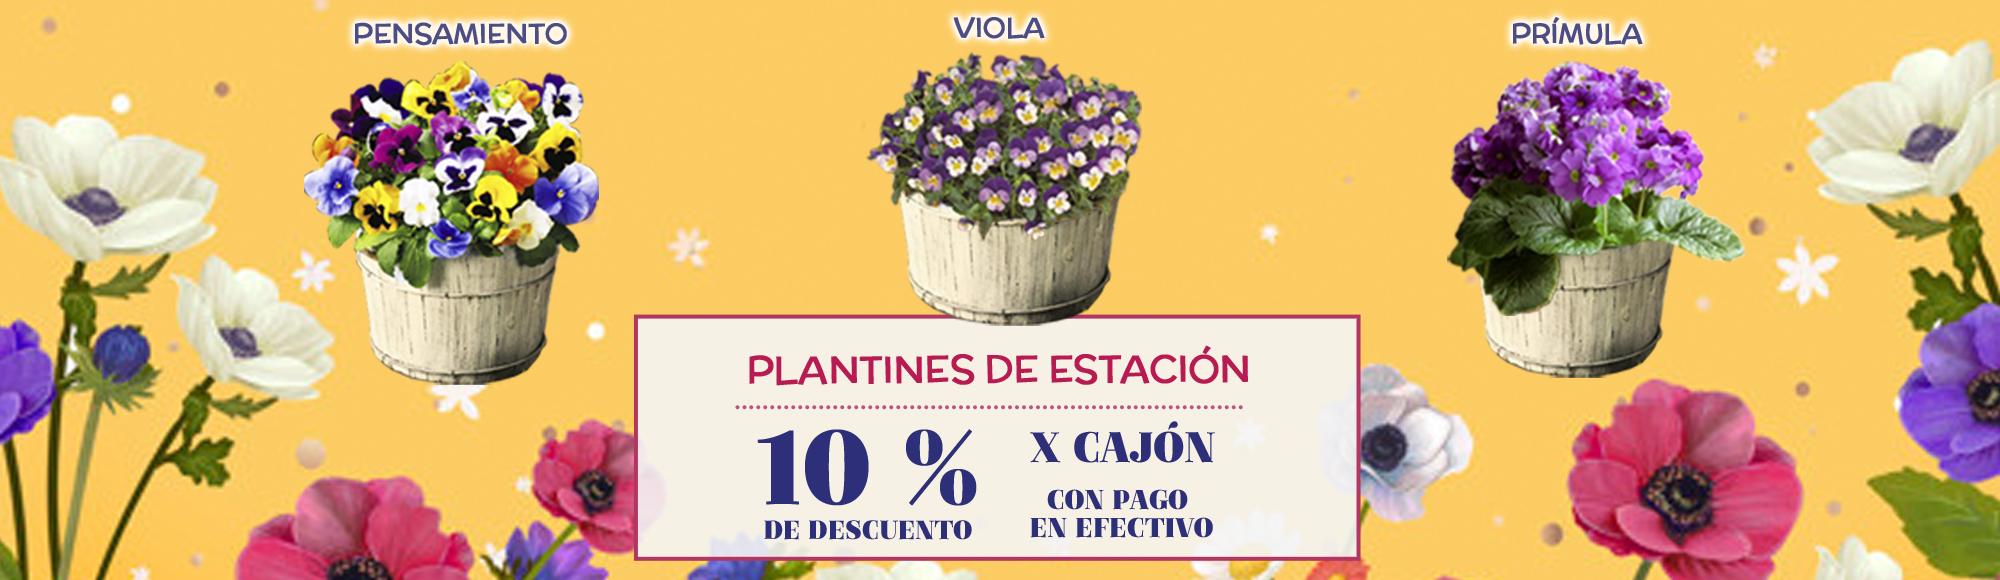 10% OFF x cajón de Plantines de Estación